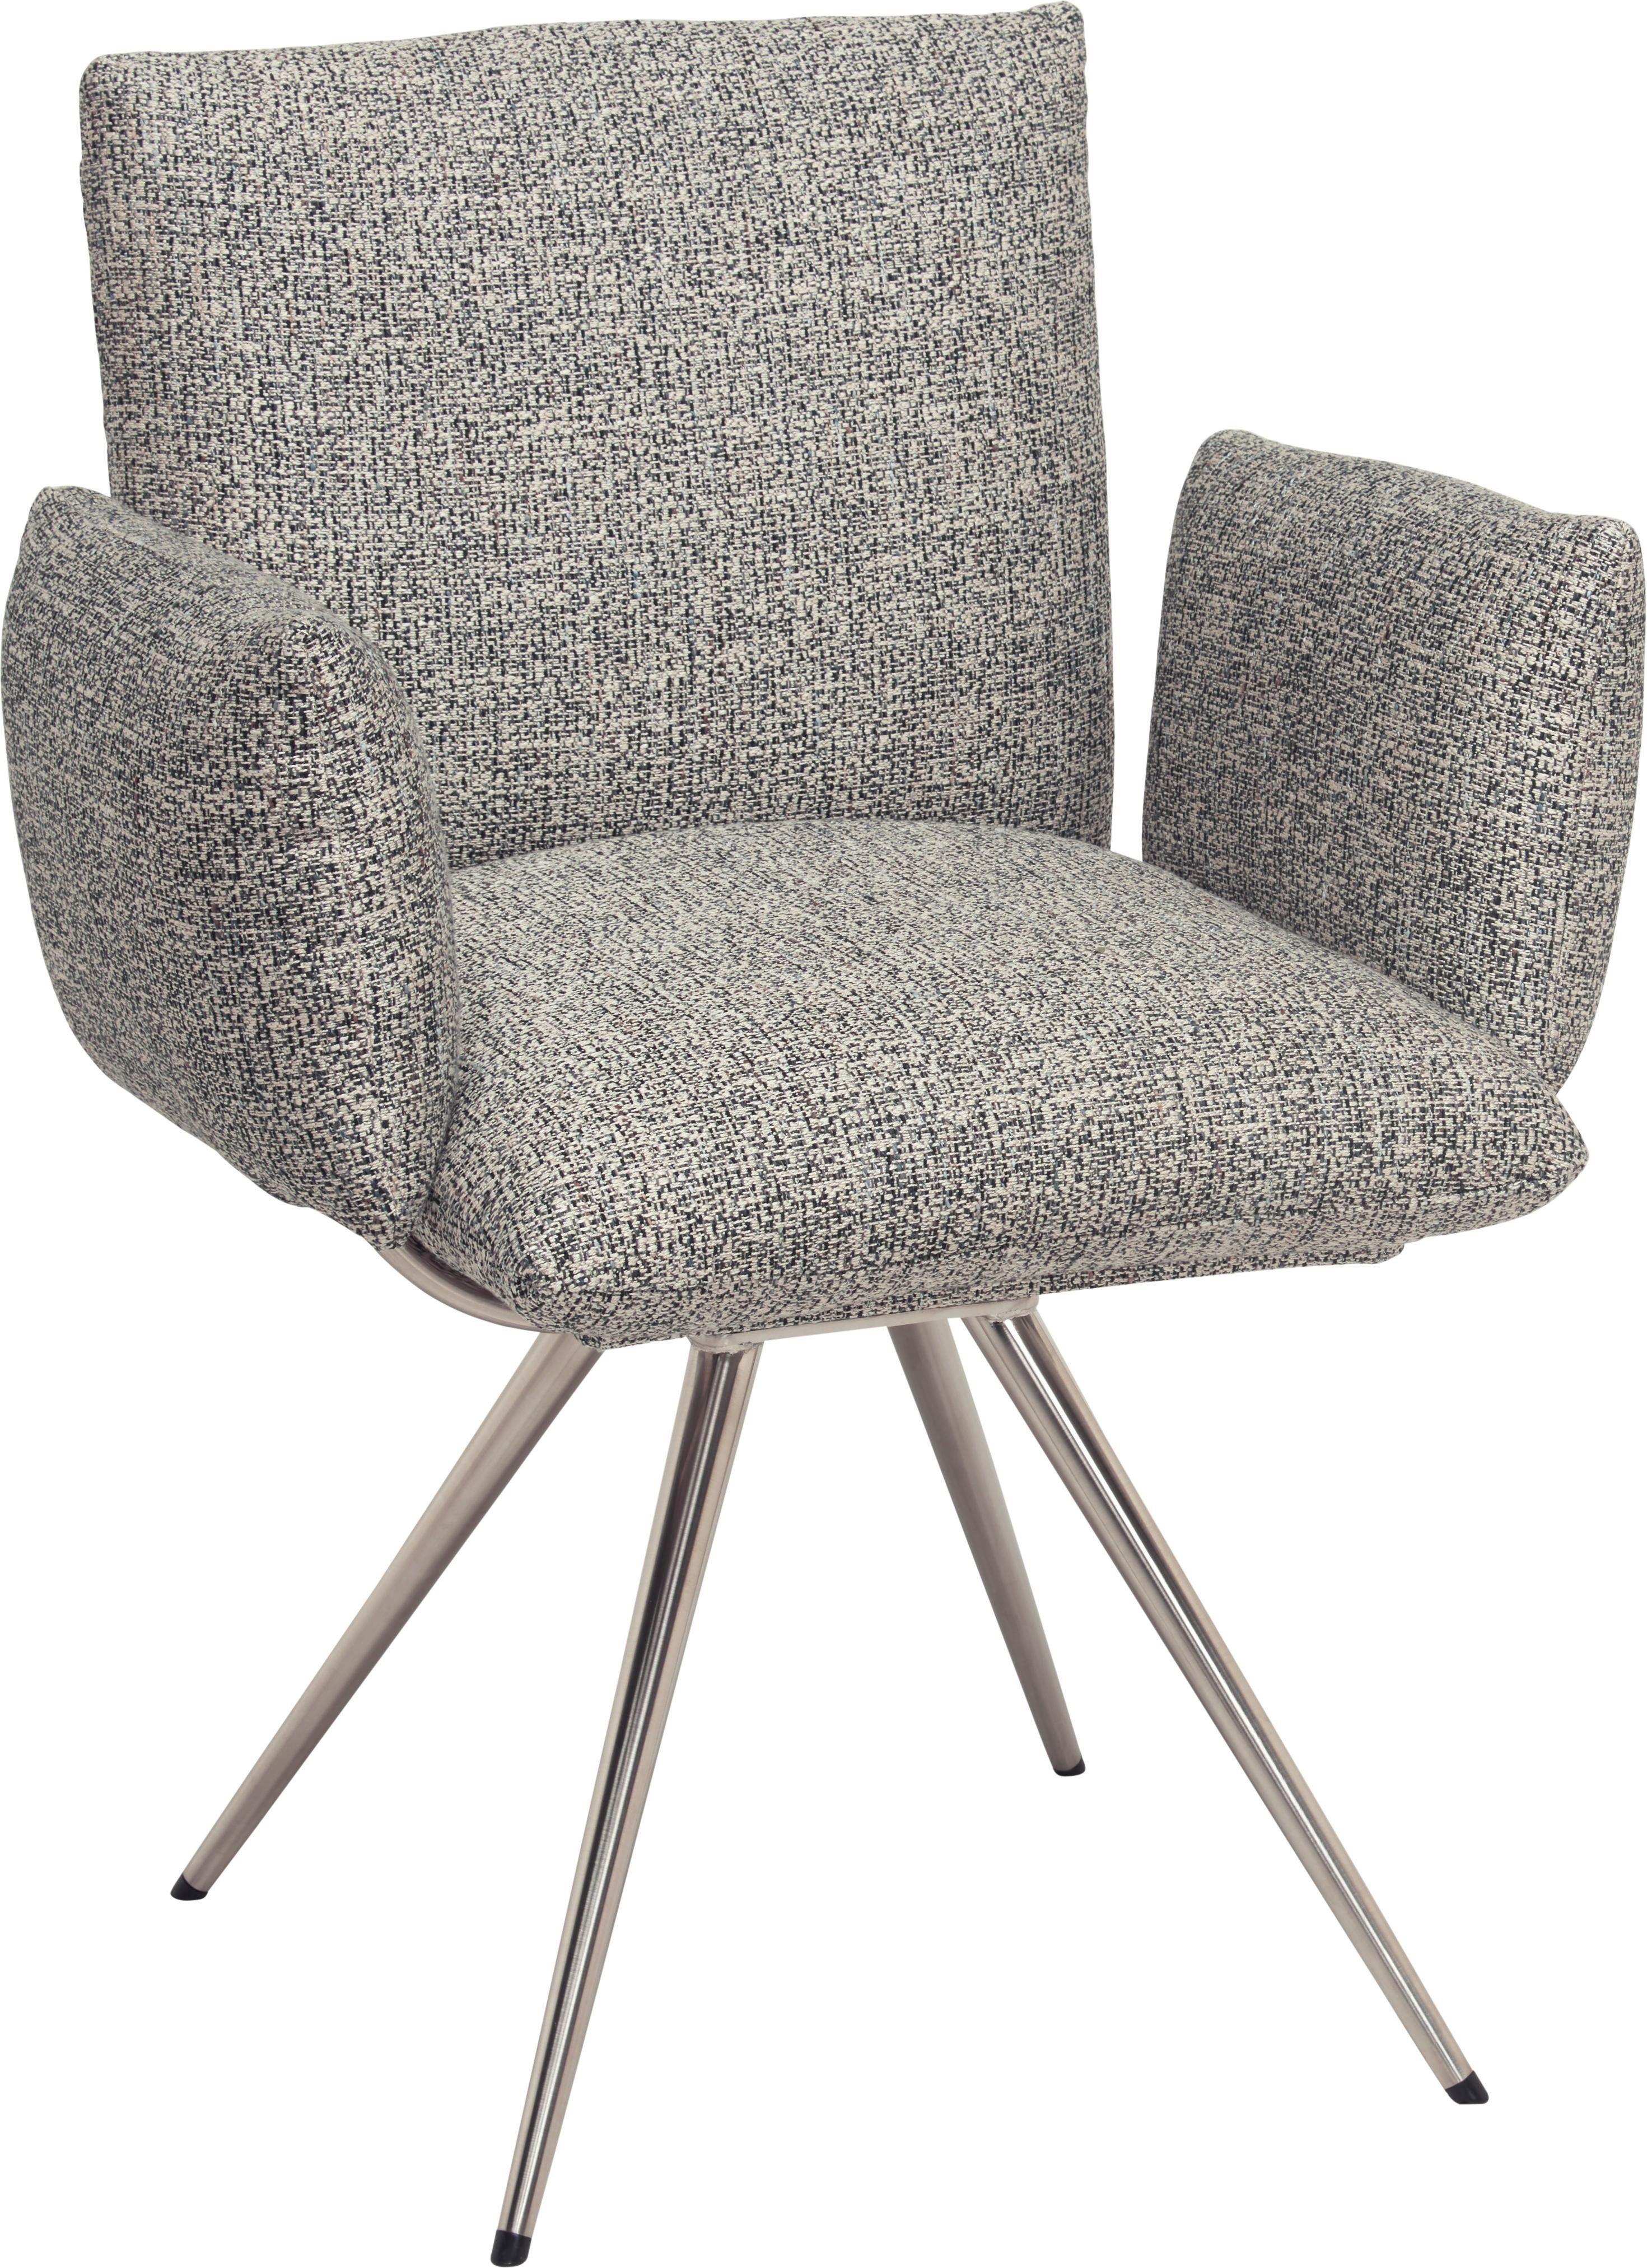 Venjakob Armlehnstuhl Stuhle Sitzen